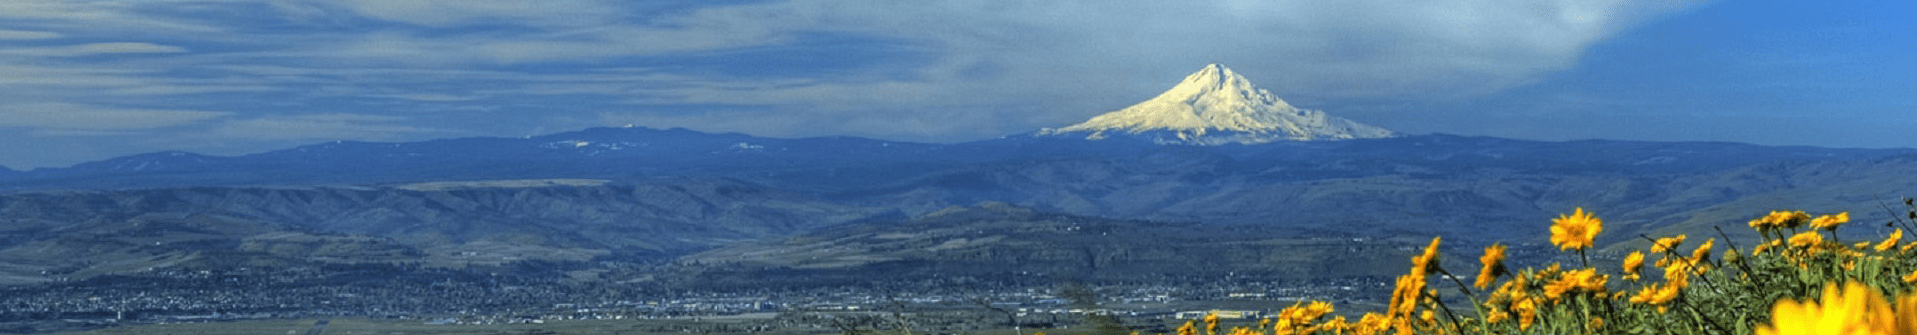 landscape-near-mount-hood-oregon